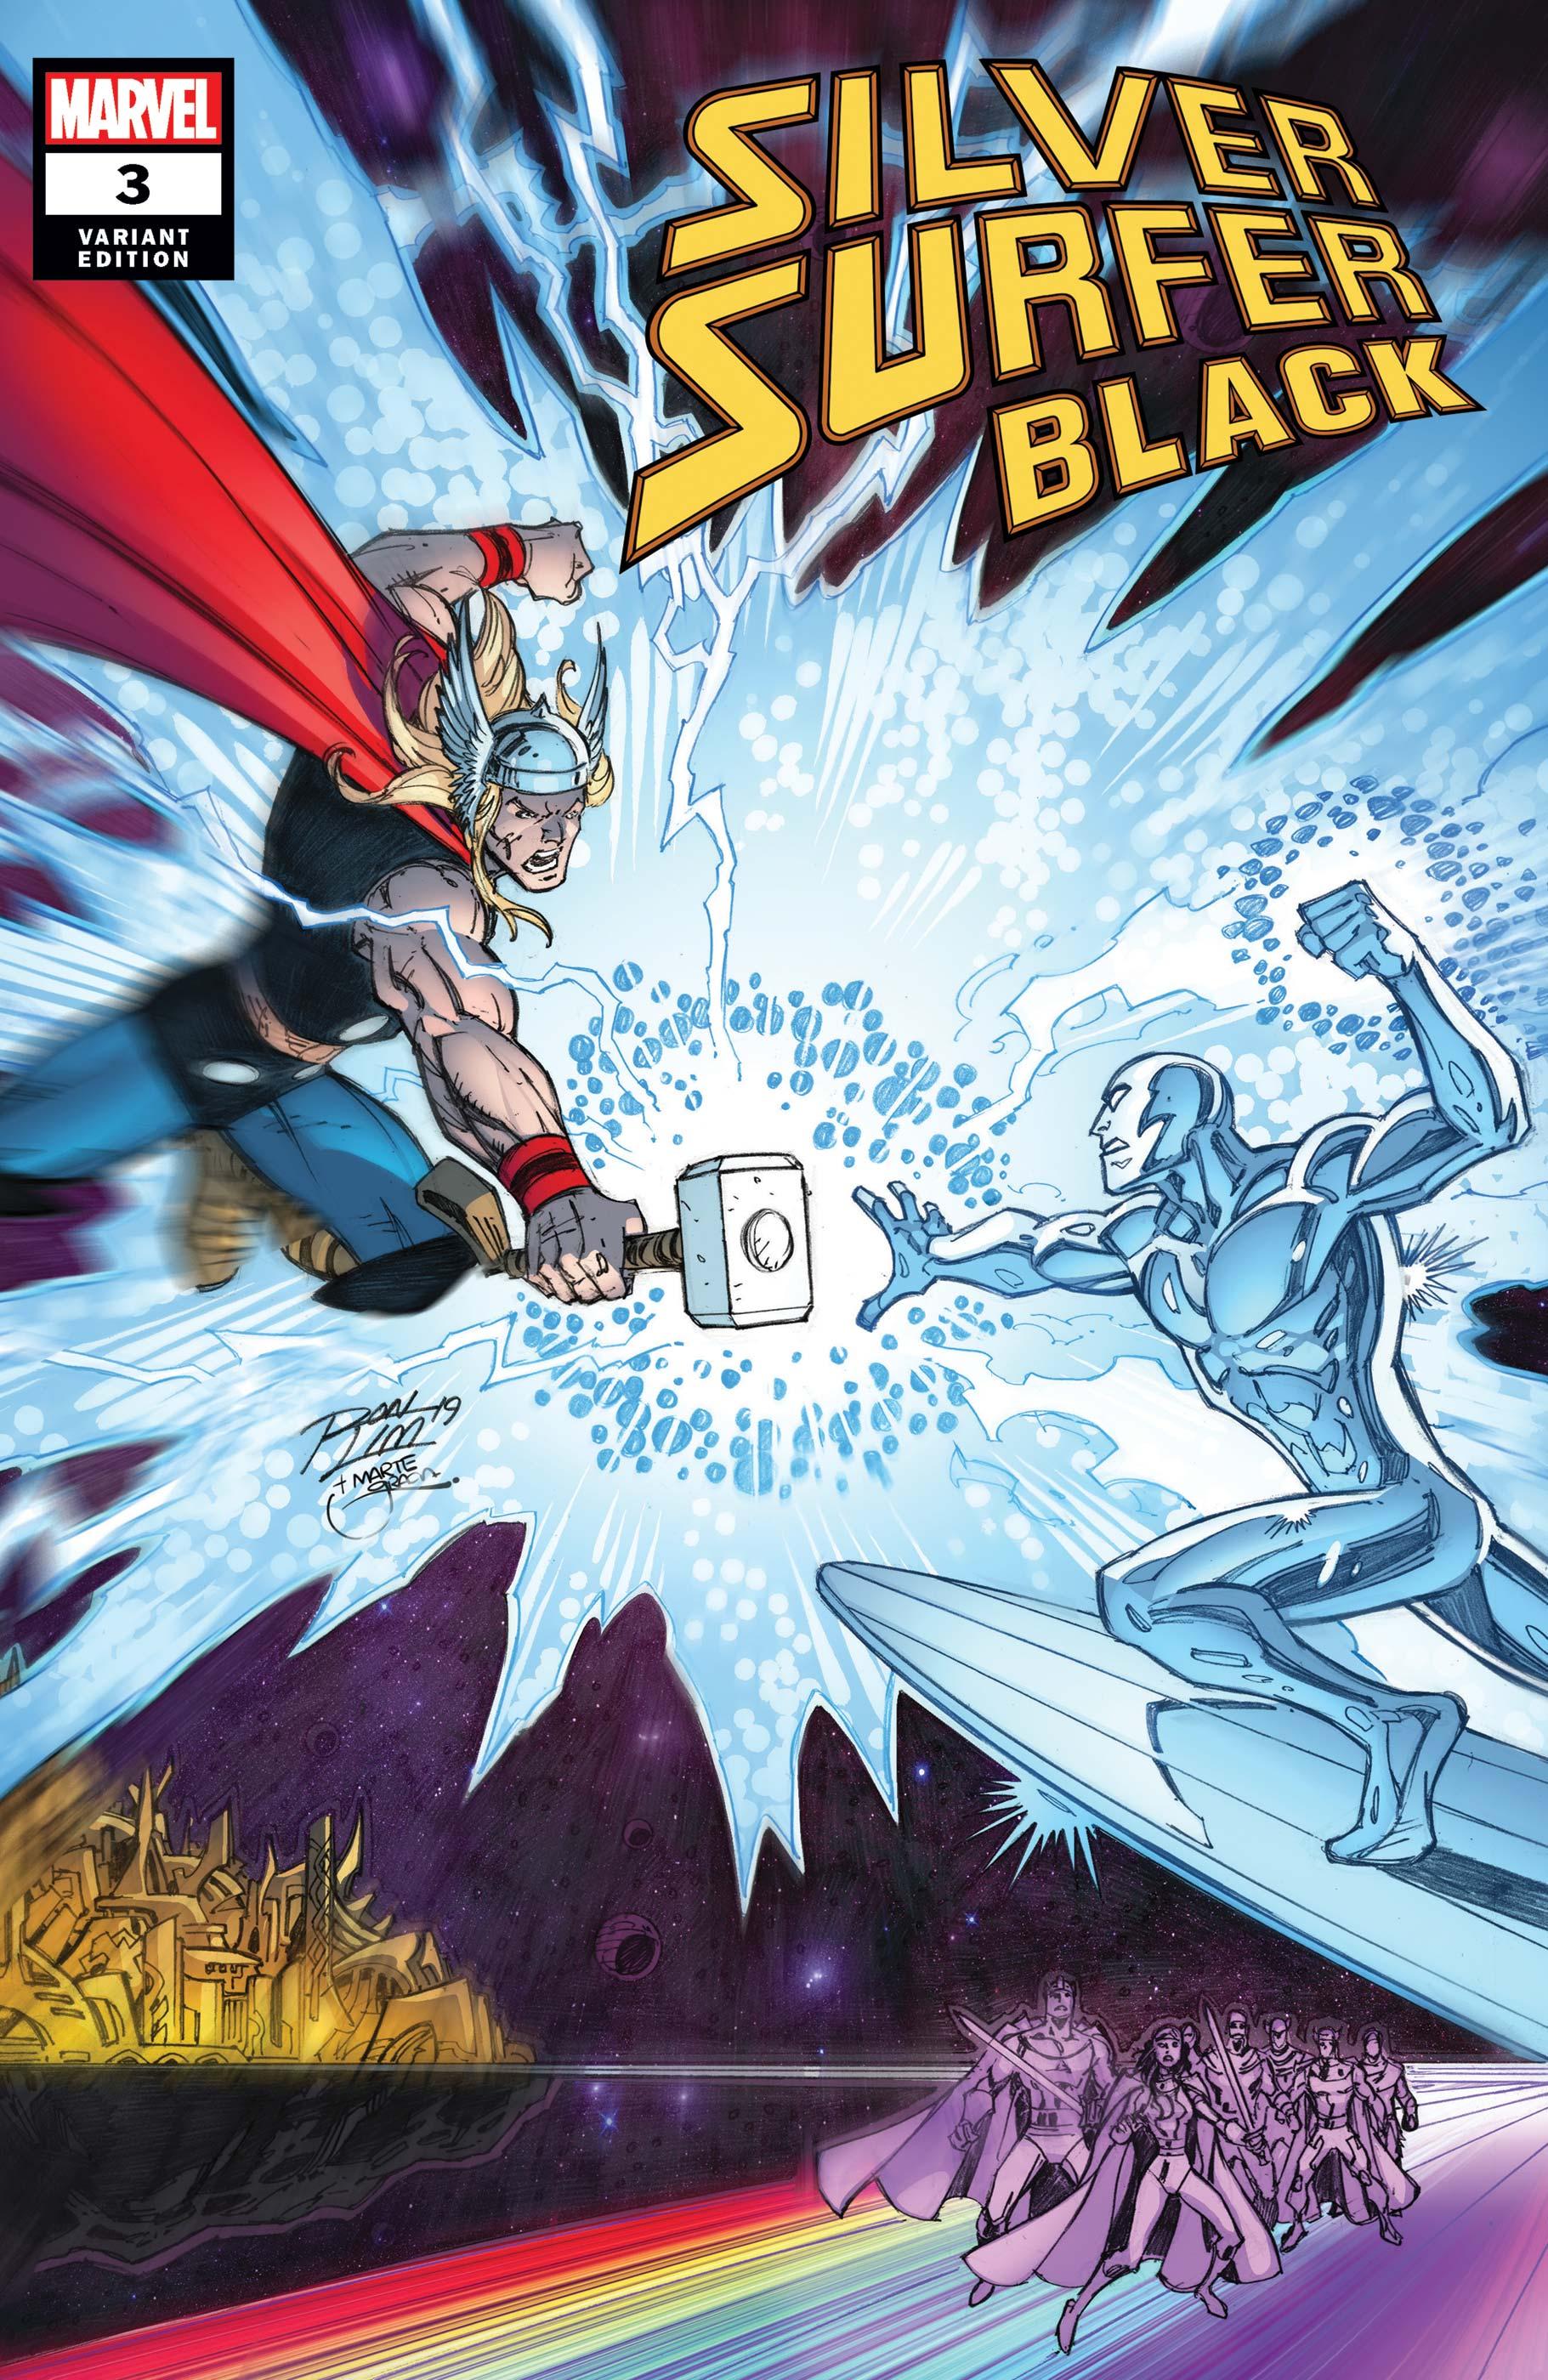 Silver Surfer: Black (2019) #3 (Variant)